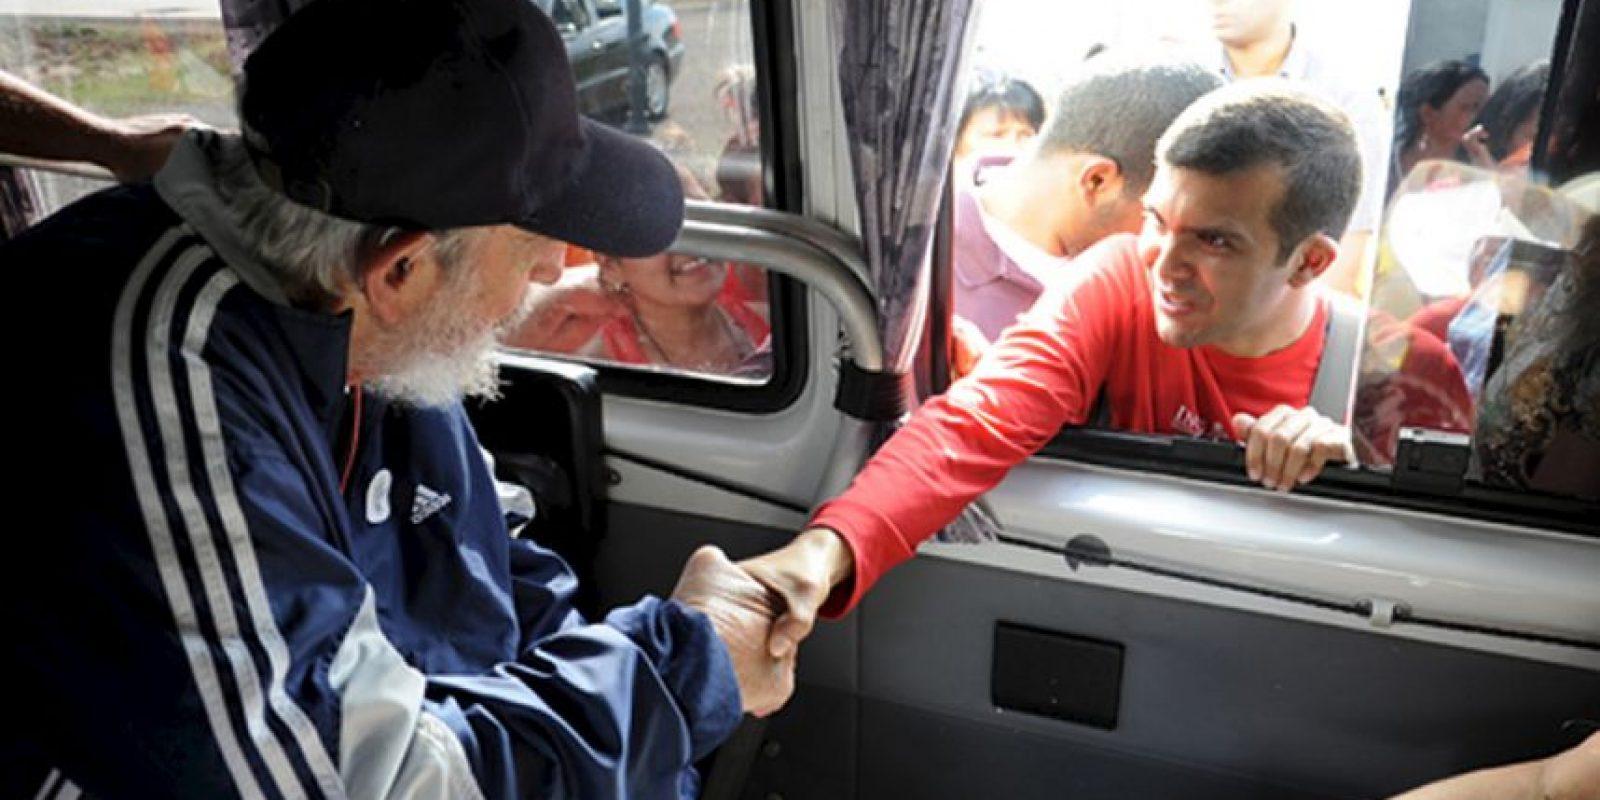 En enero de este año Obama anunció la eliminación de restricciones para viajar a Cuba, aunque aún no pueden viajar con fines turísticos. Quienes estén dentro de una de las 12 categorías establecidas podrán viajar con una licencia general y no tendrán que solicitar una licencia específica como en el pasado. Los viajeros también pueden usar sus tarjetas de crédito en Cuba, acción que estaba prohibida. También pueden traer 400 dólares en mercancía y 100 dólares en alcohol o tabaco. Foto:AFP